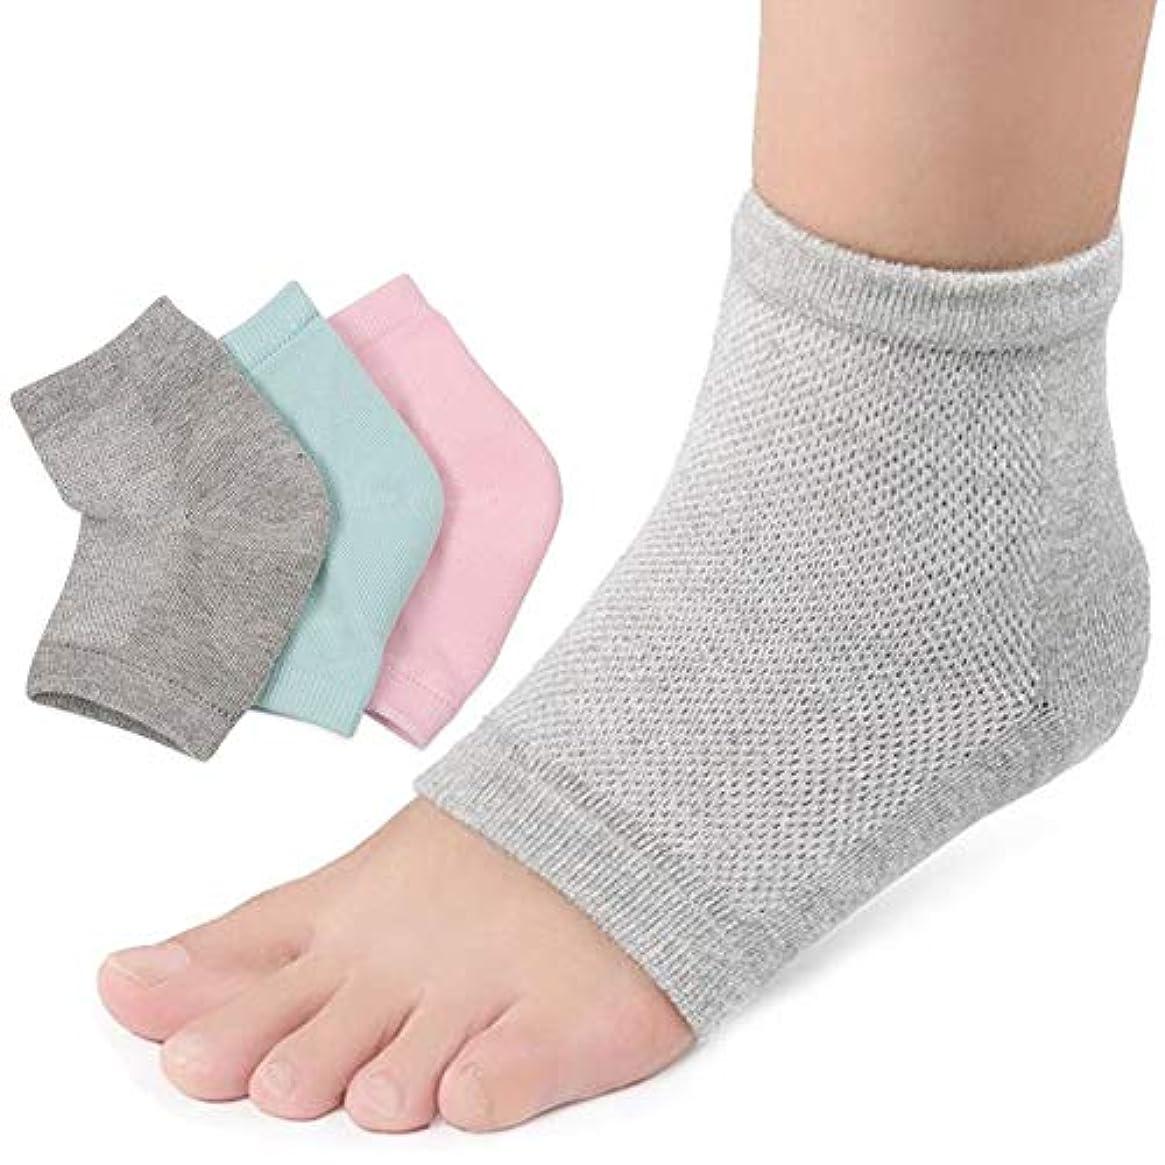 立法悲劇不和3足セットかかと 靴下 かかとケア つるつる ジェル 靴下 角質 ケア 保湿 美容 角質除去足ケア 男女兼用